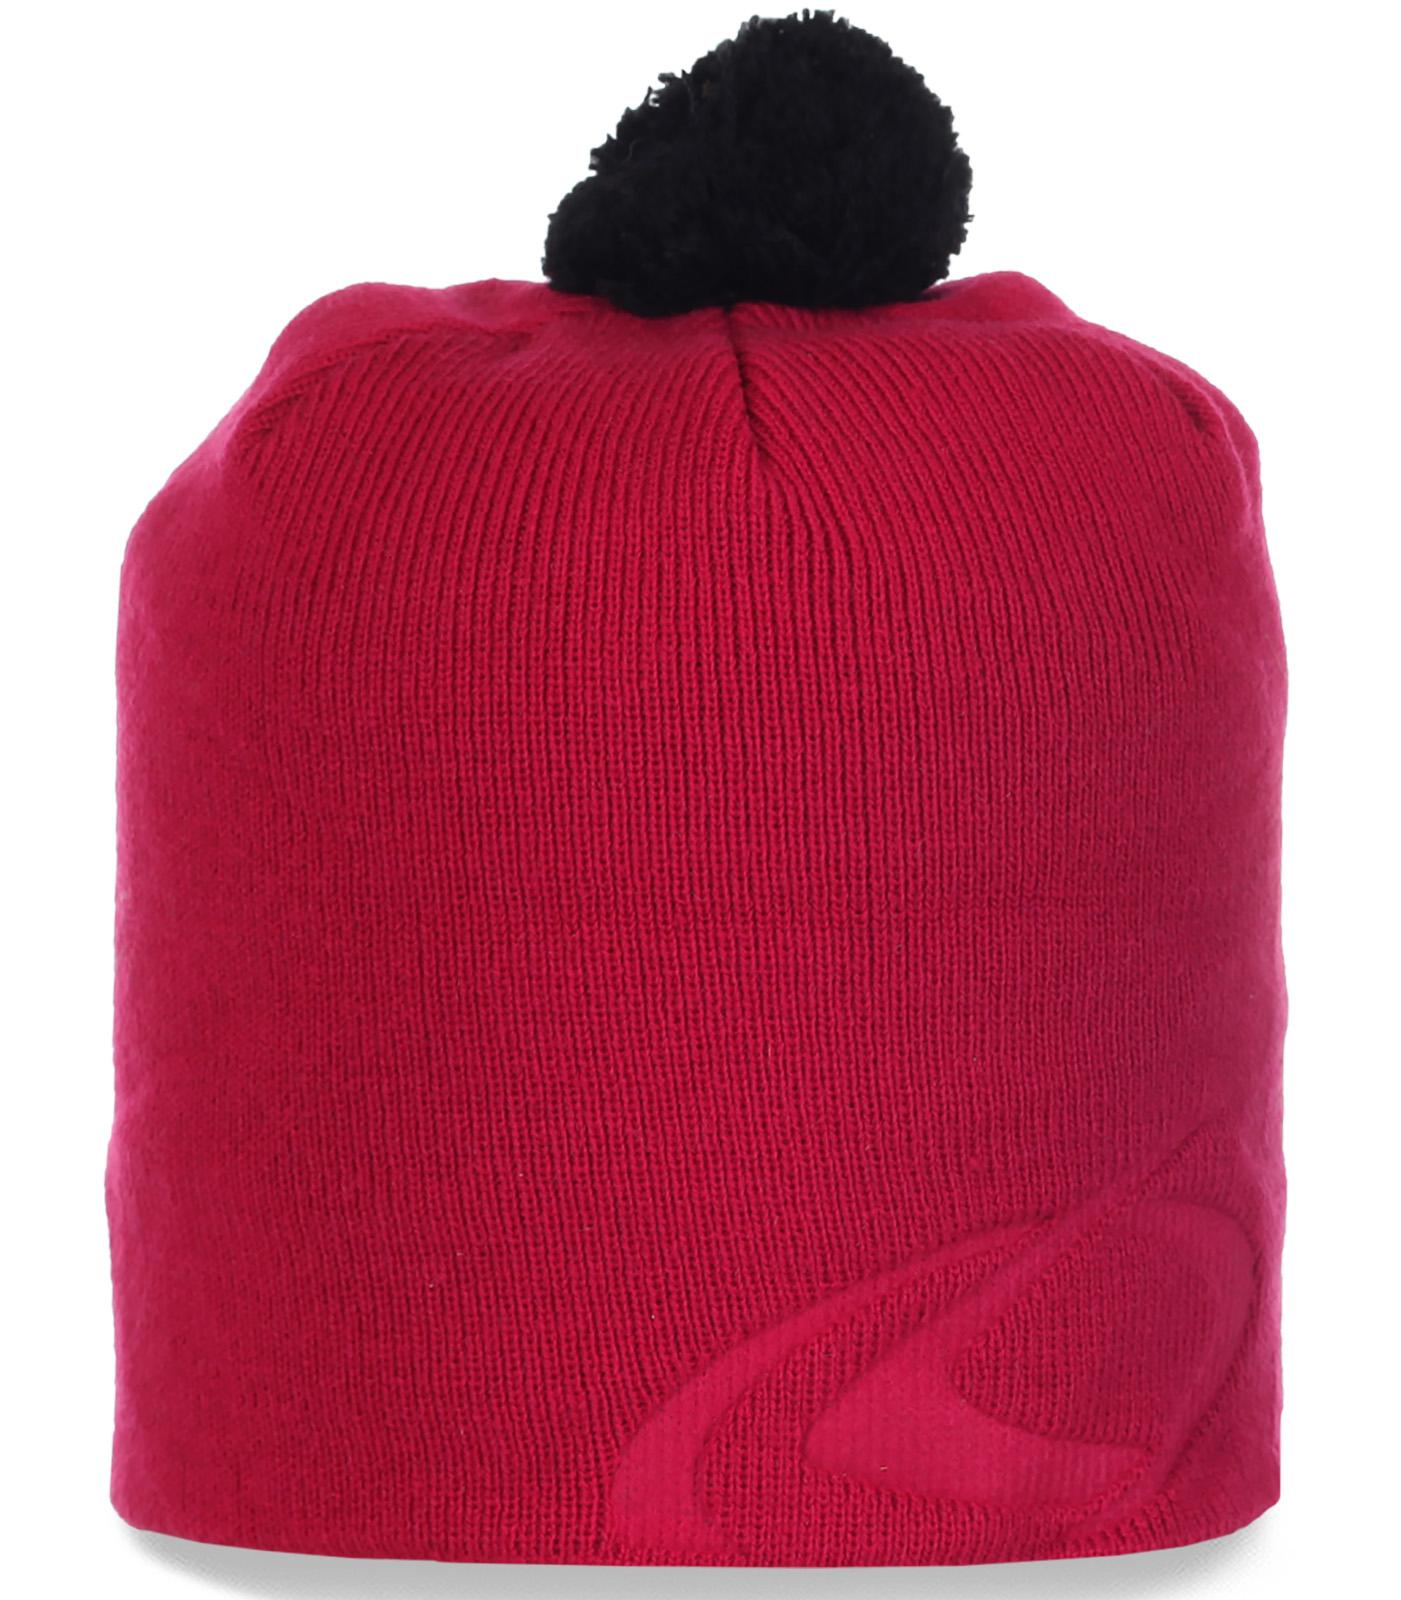 Топовая женская трикотажная шапка для межсезонья оригинального супермодного дизайна